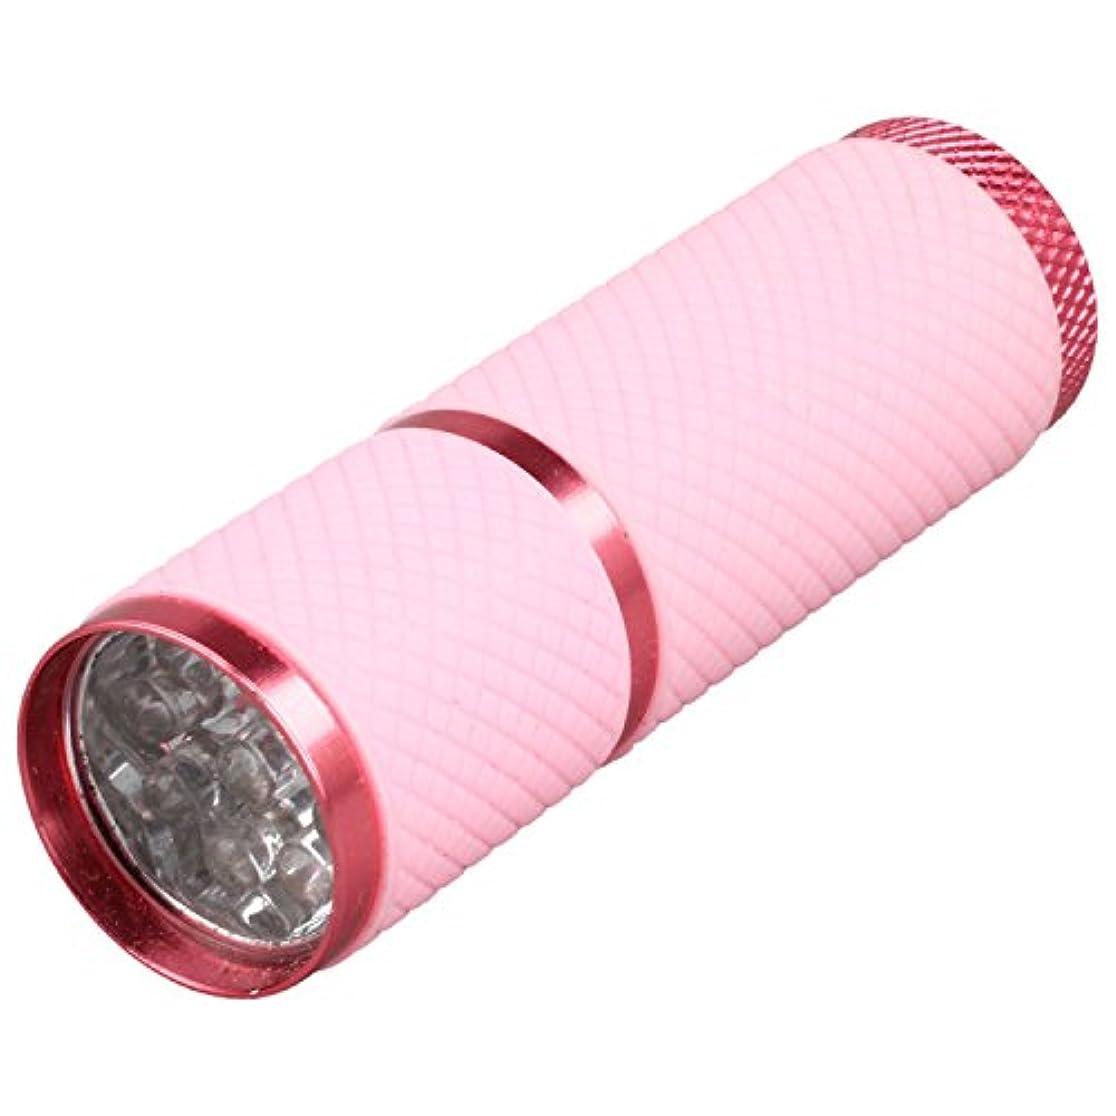 グラスウィザード穀物Cikuso 1個 ミニ9 LED Uv ゲル硬化ランプ バッテリーなし 携帯性ネイルドライヤー LEDフラッシュライト通貨検出器 アルミニウム合金 ピンクカラー